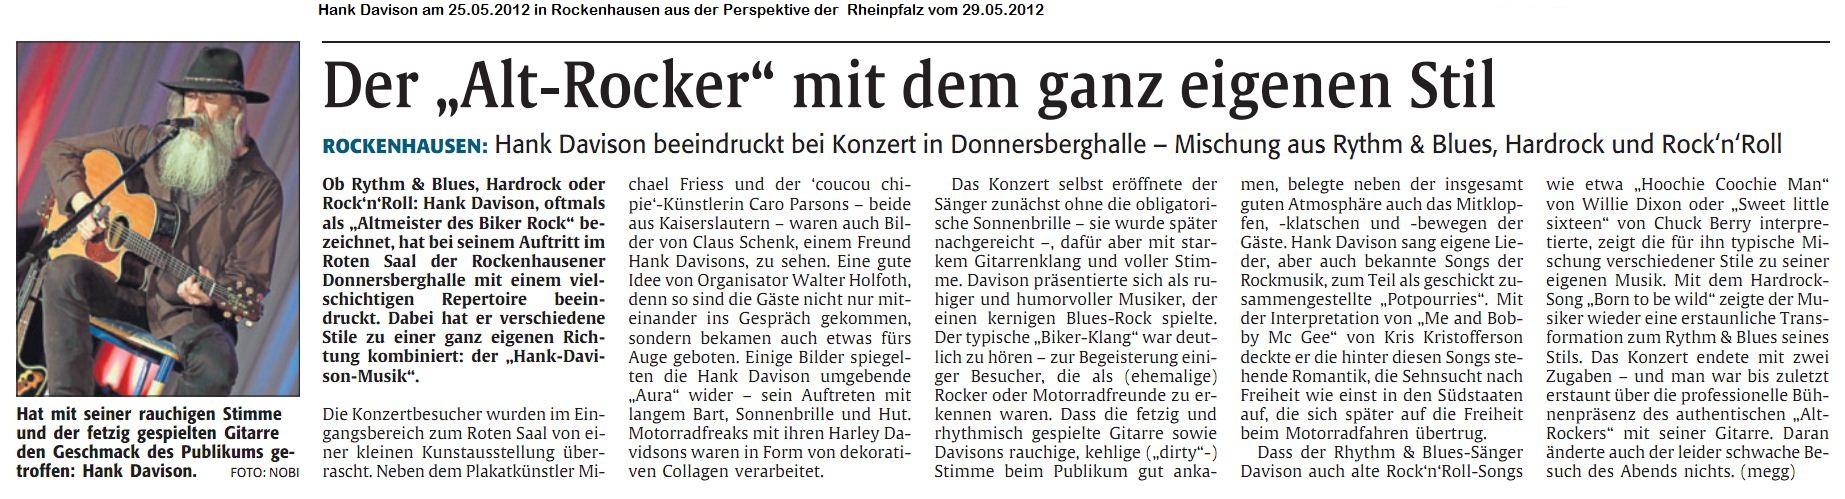 Presse vom 24.05.2012 Rockenhausen-Rheinpfalz vom 29.05.2012